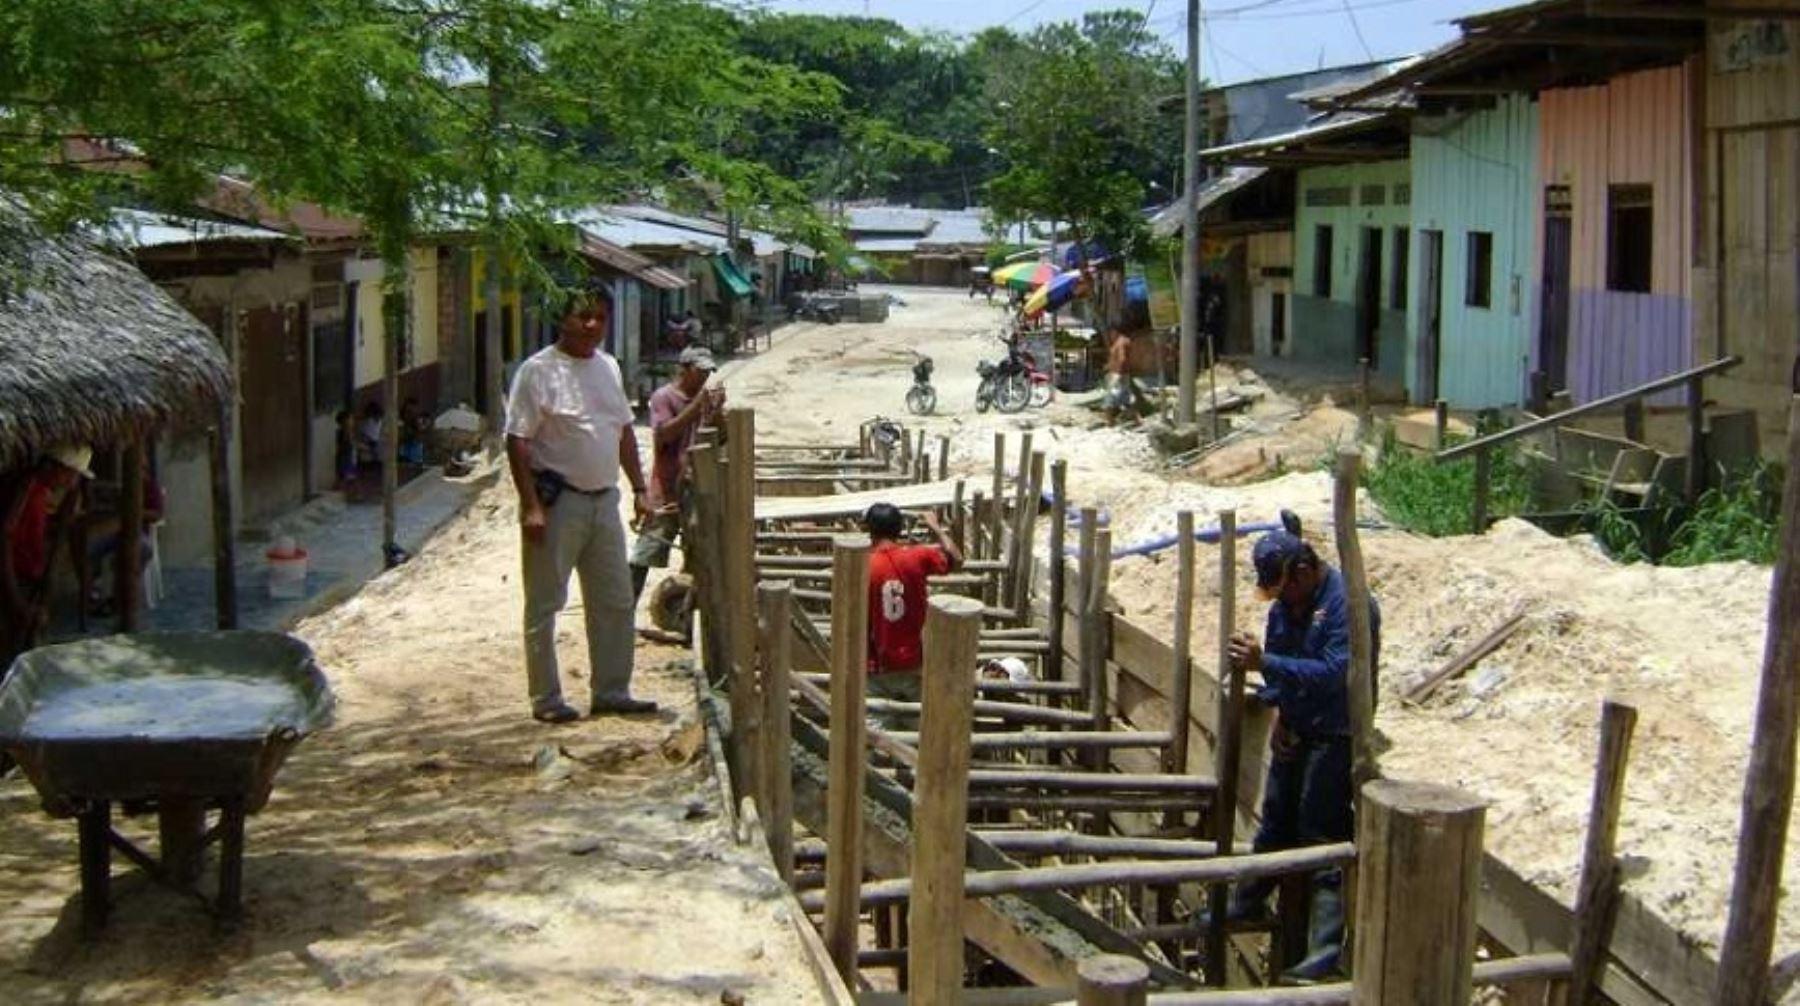 Entre agosto de 2016 a setiembre 2017, el Ministerio de Vivienda, Construcción y Saneamiento (MVCS) invirtió en la región Amazonas un total de 140 millones de soles para obras en saneamiento, mejoramiento de infraestructura urbana y promoción de viviendas.